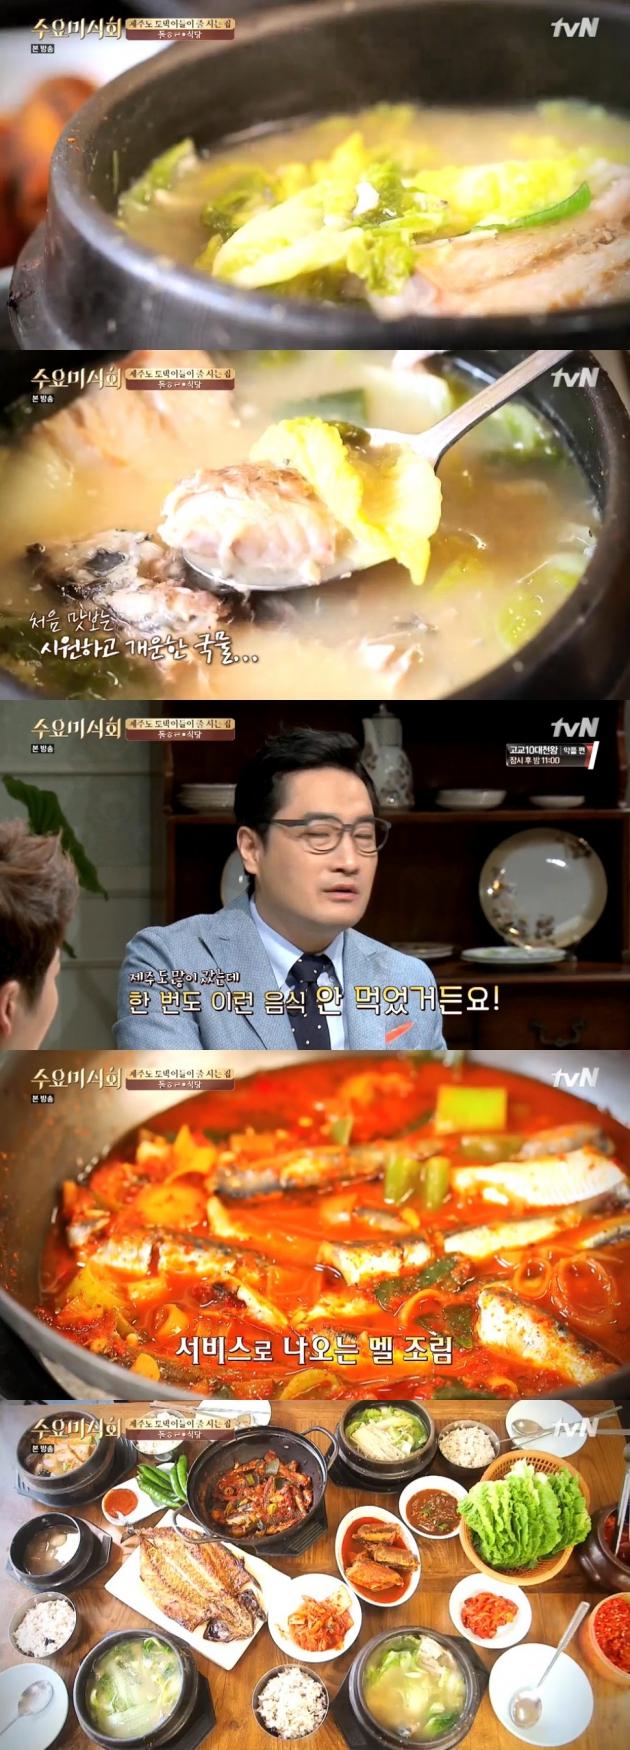 수요미식회 돌하르방 식당 / 수요미식회 돌하르방 식당 사진=tvN 방송 캡처